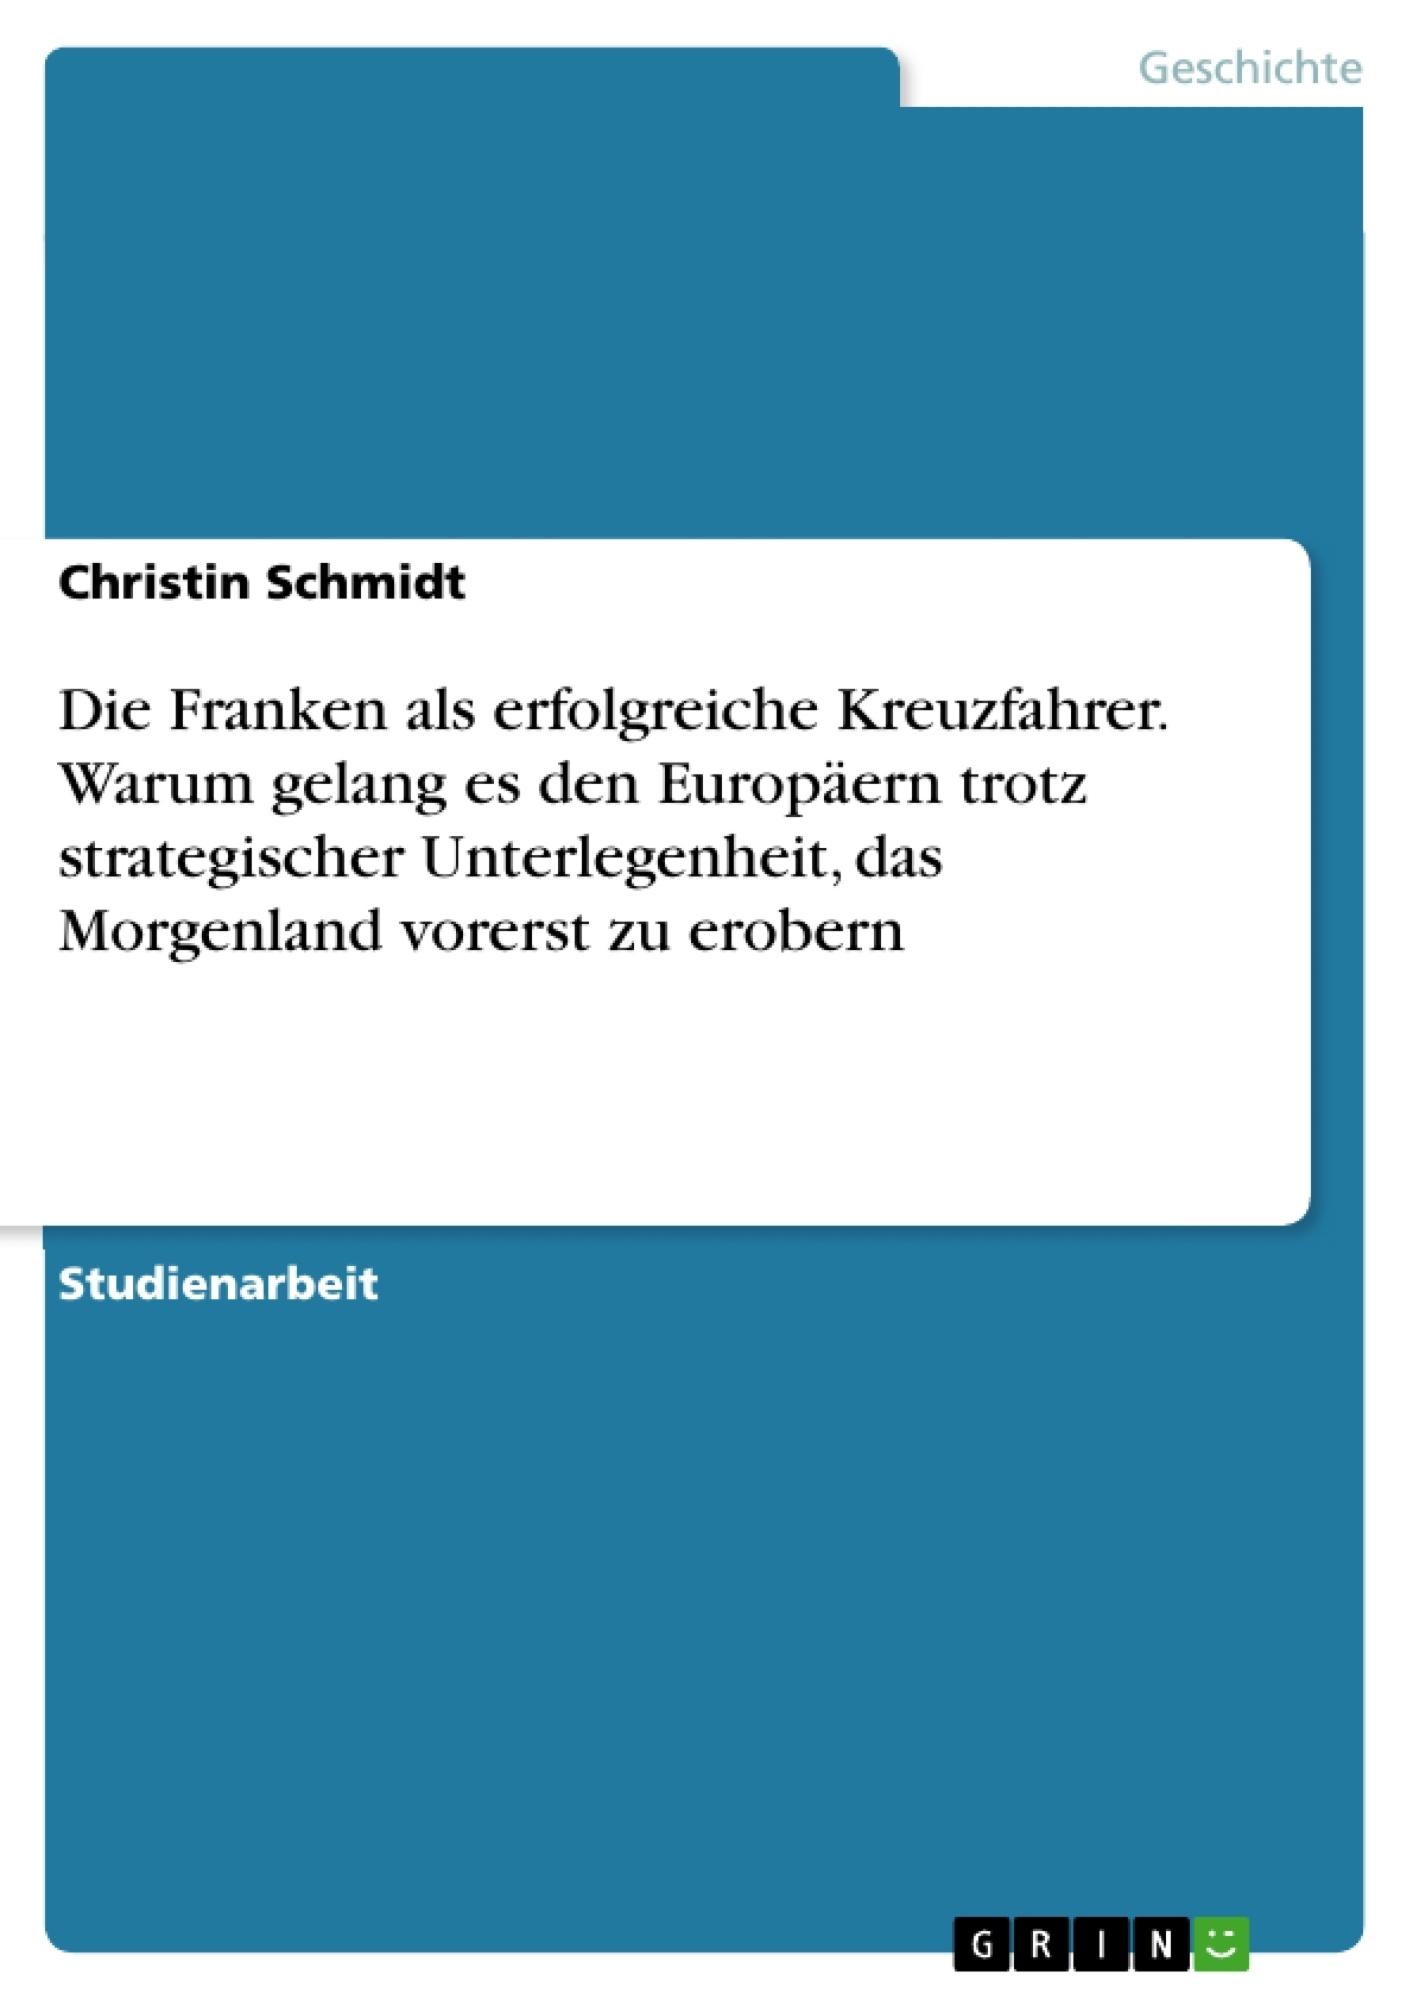 Titel: Die Franken als erfolgreiche Kreuzfahrer. Warum gelang es den Europäern trotz strategischer Unterlegenheit, das Morgenland vorerst zu erobern